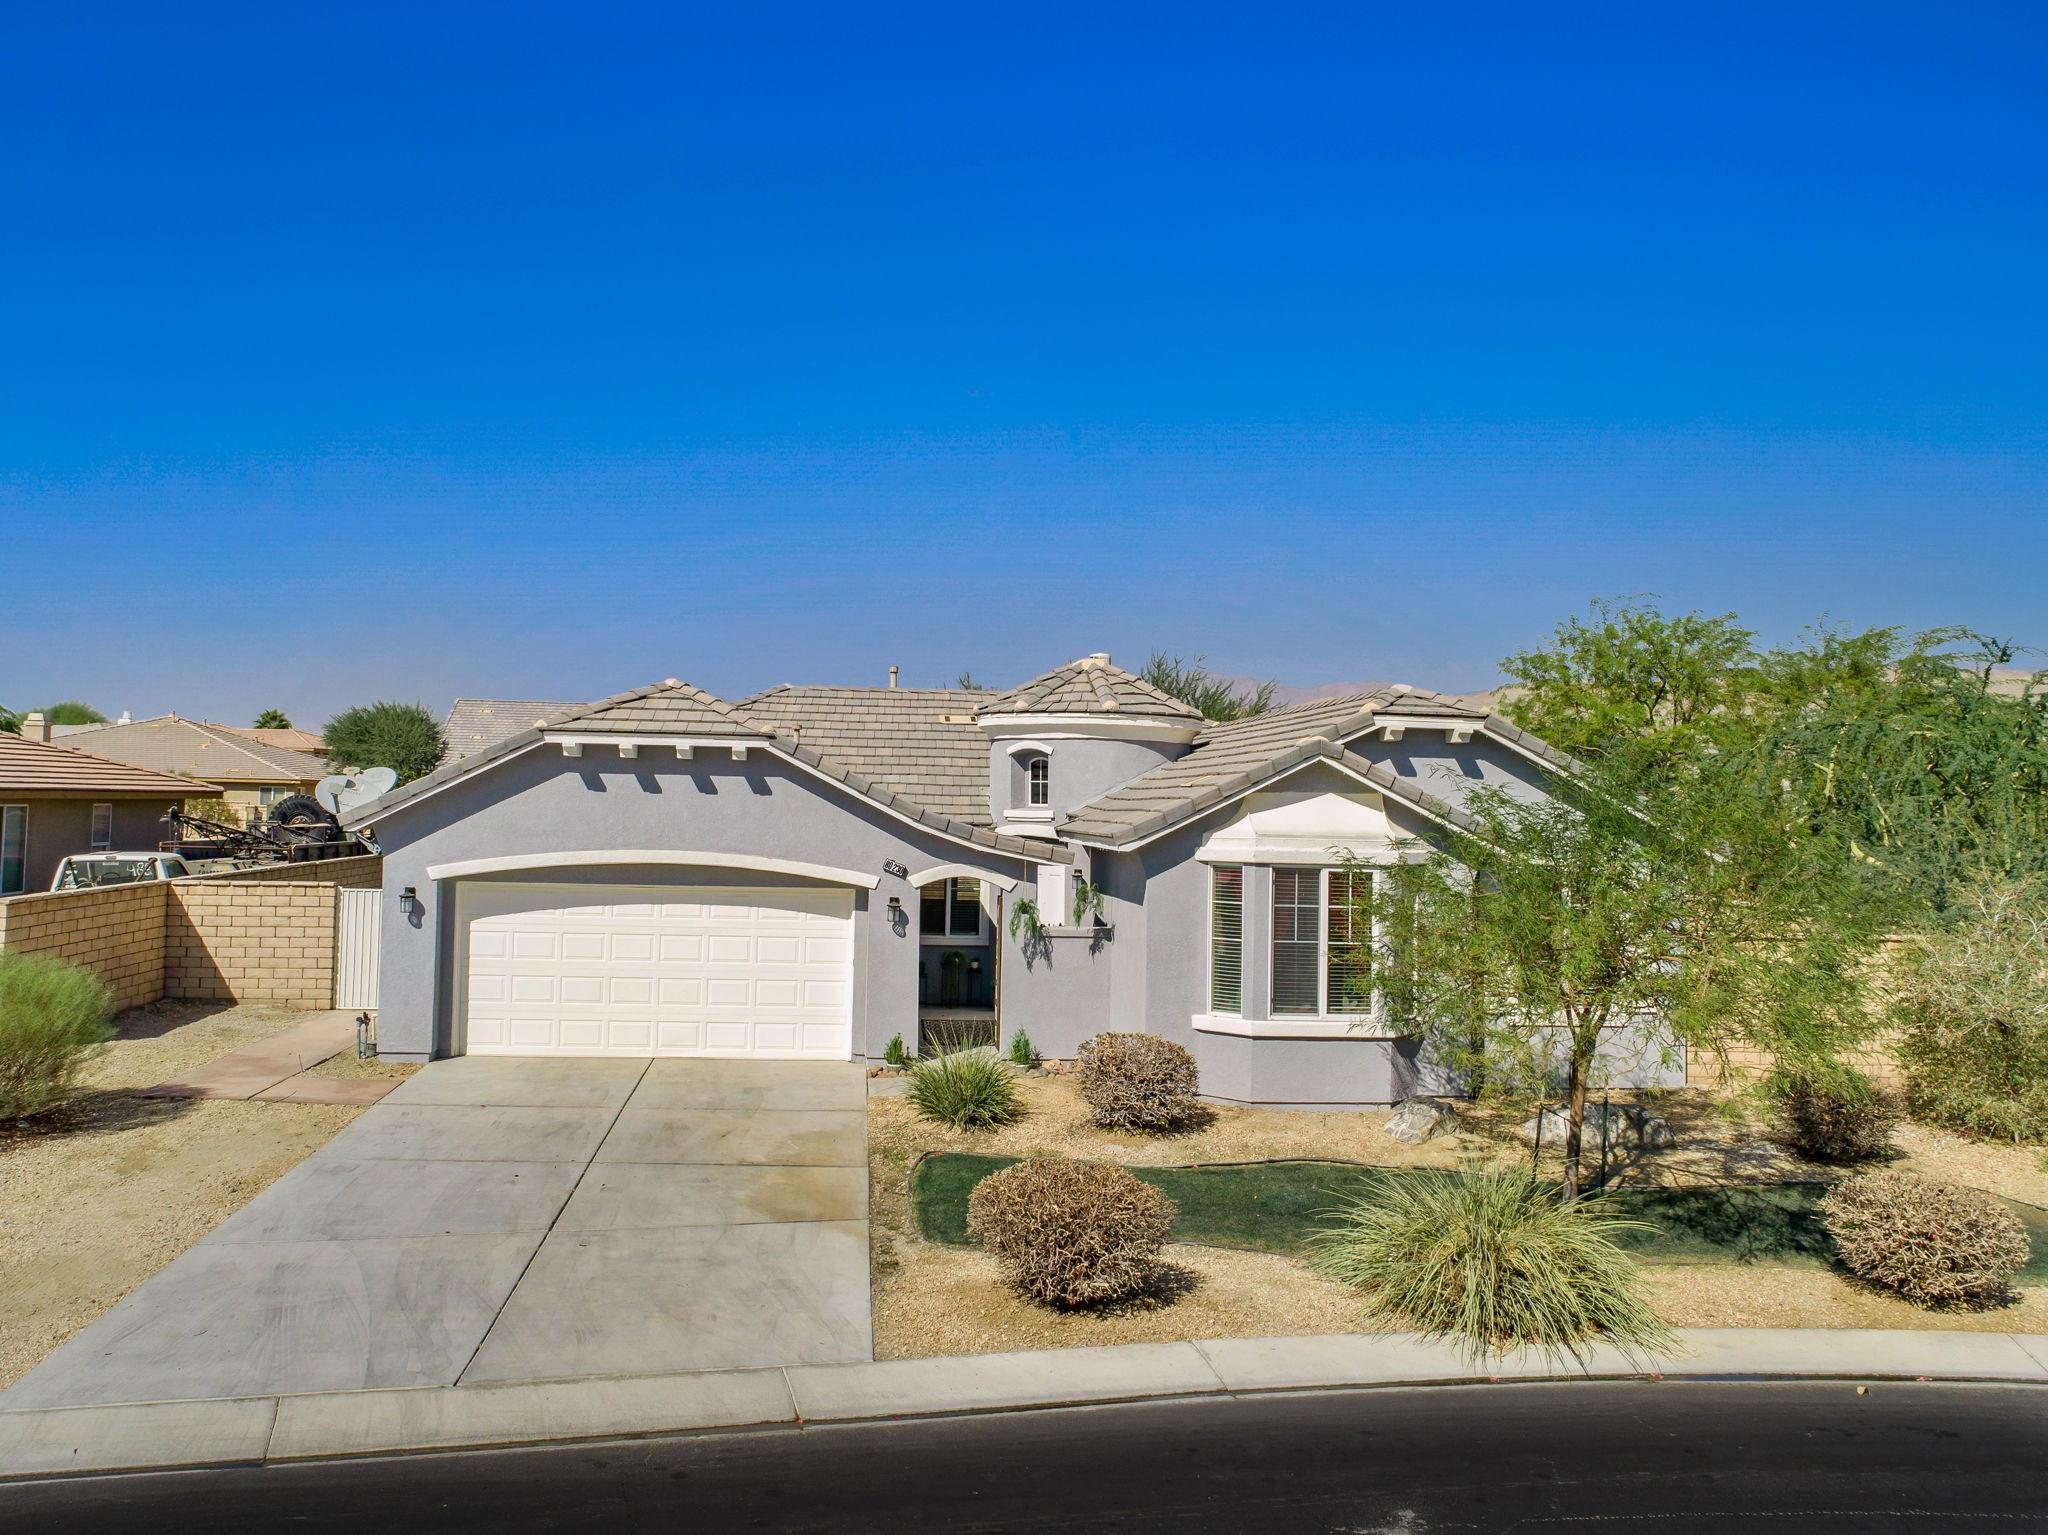 Photo of 80230 Catalina Drive, Indio, CA 92203